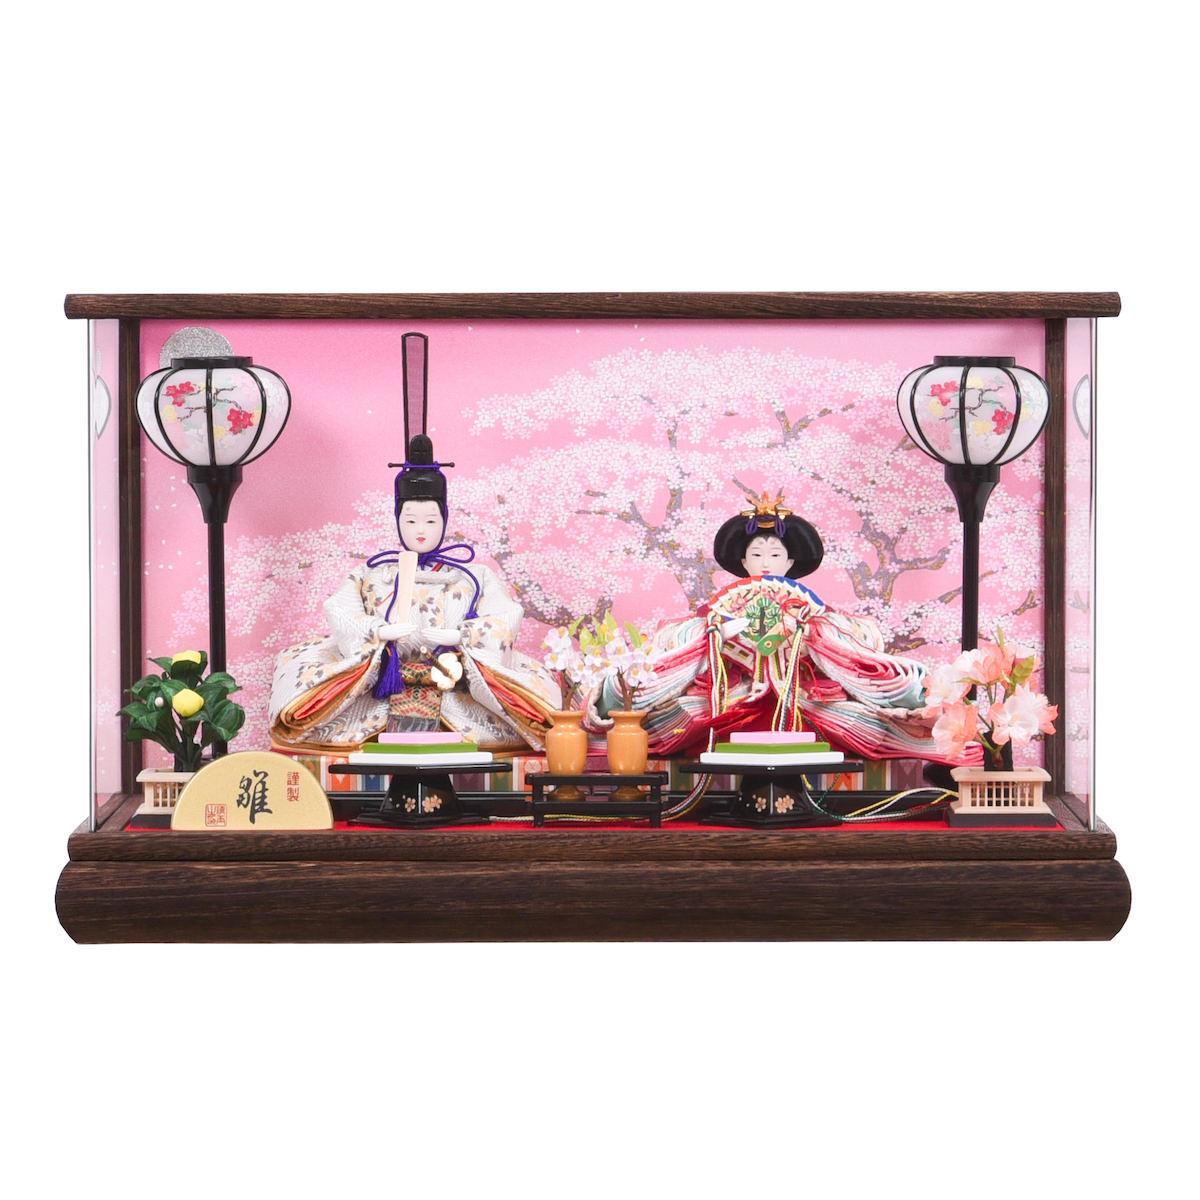 雛人形 芥子二人 アクリルケース入親王飾り 焼桐 送料無料